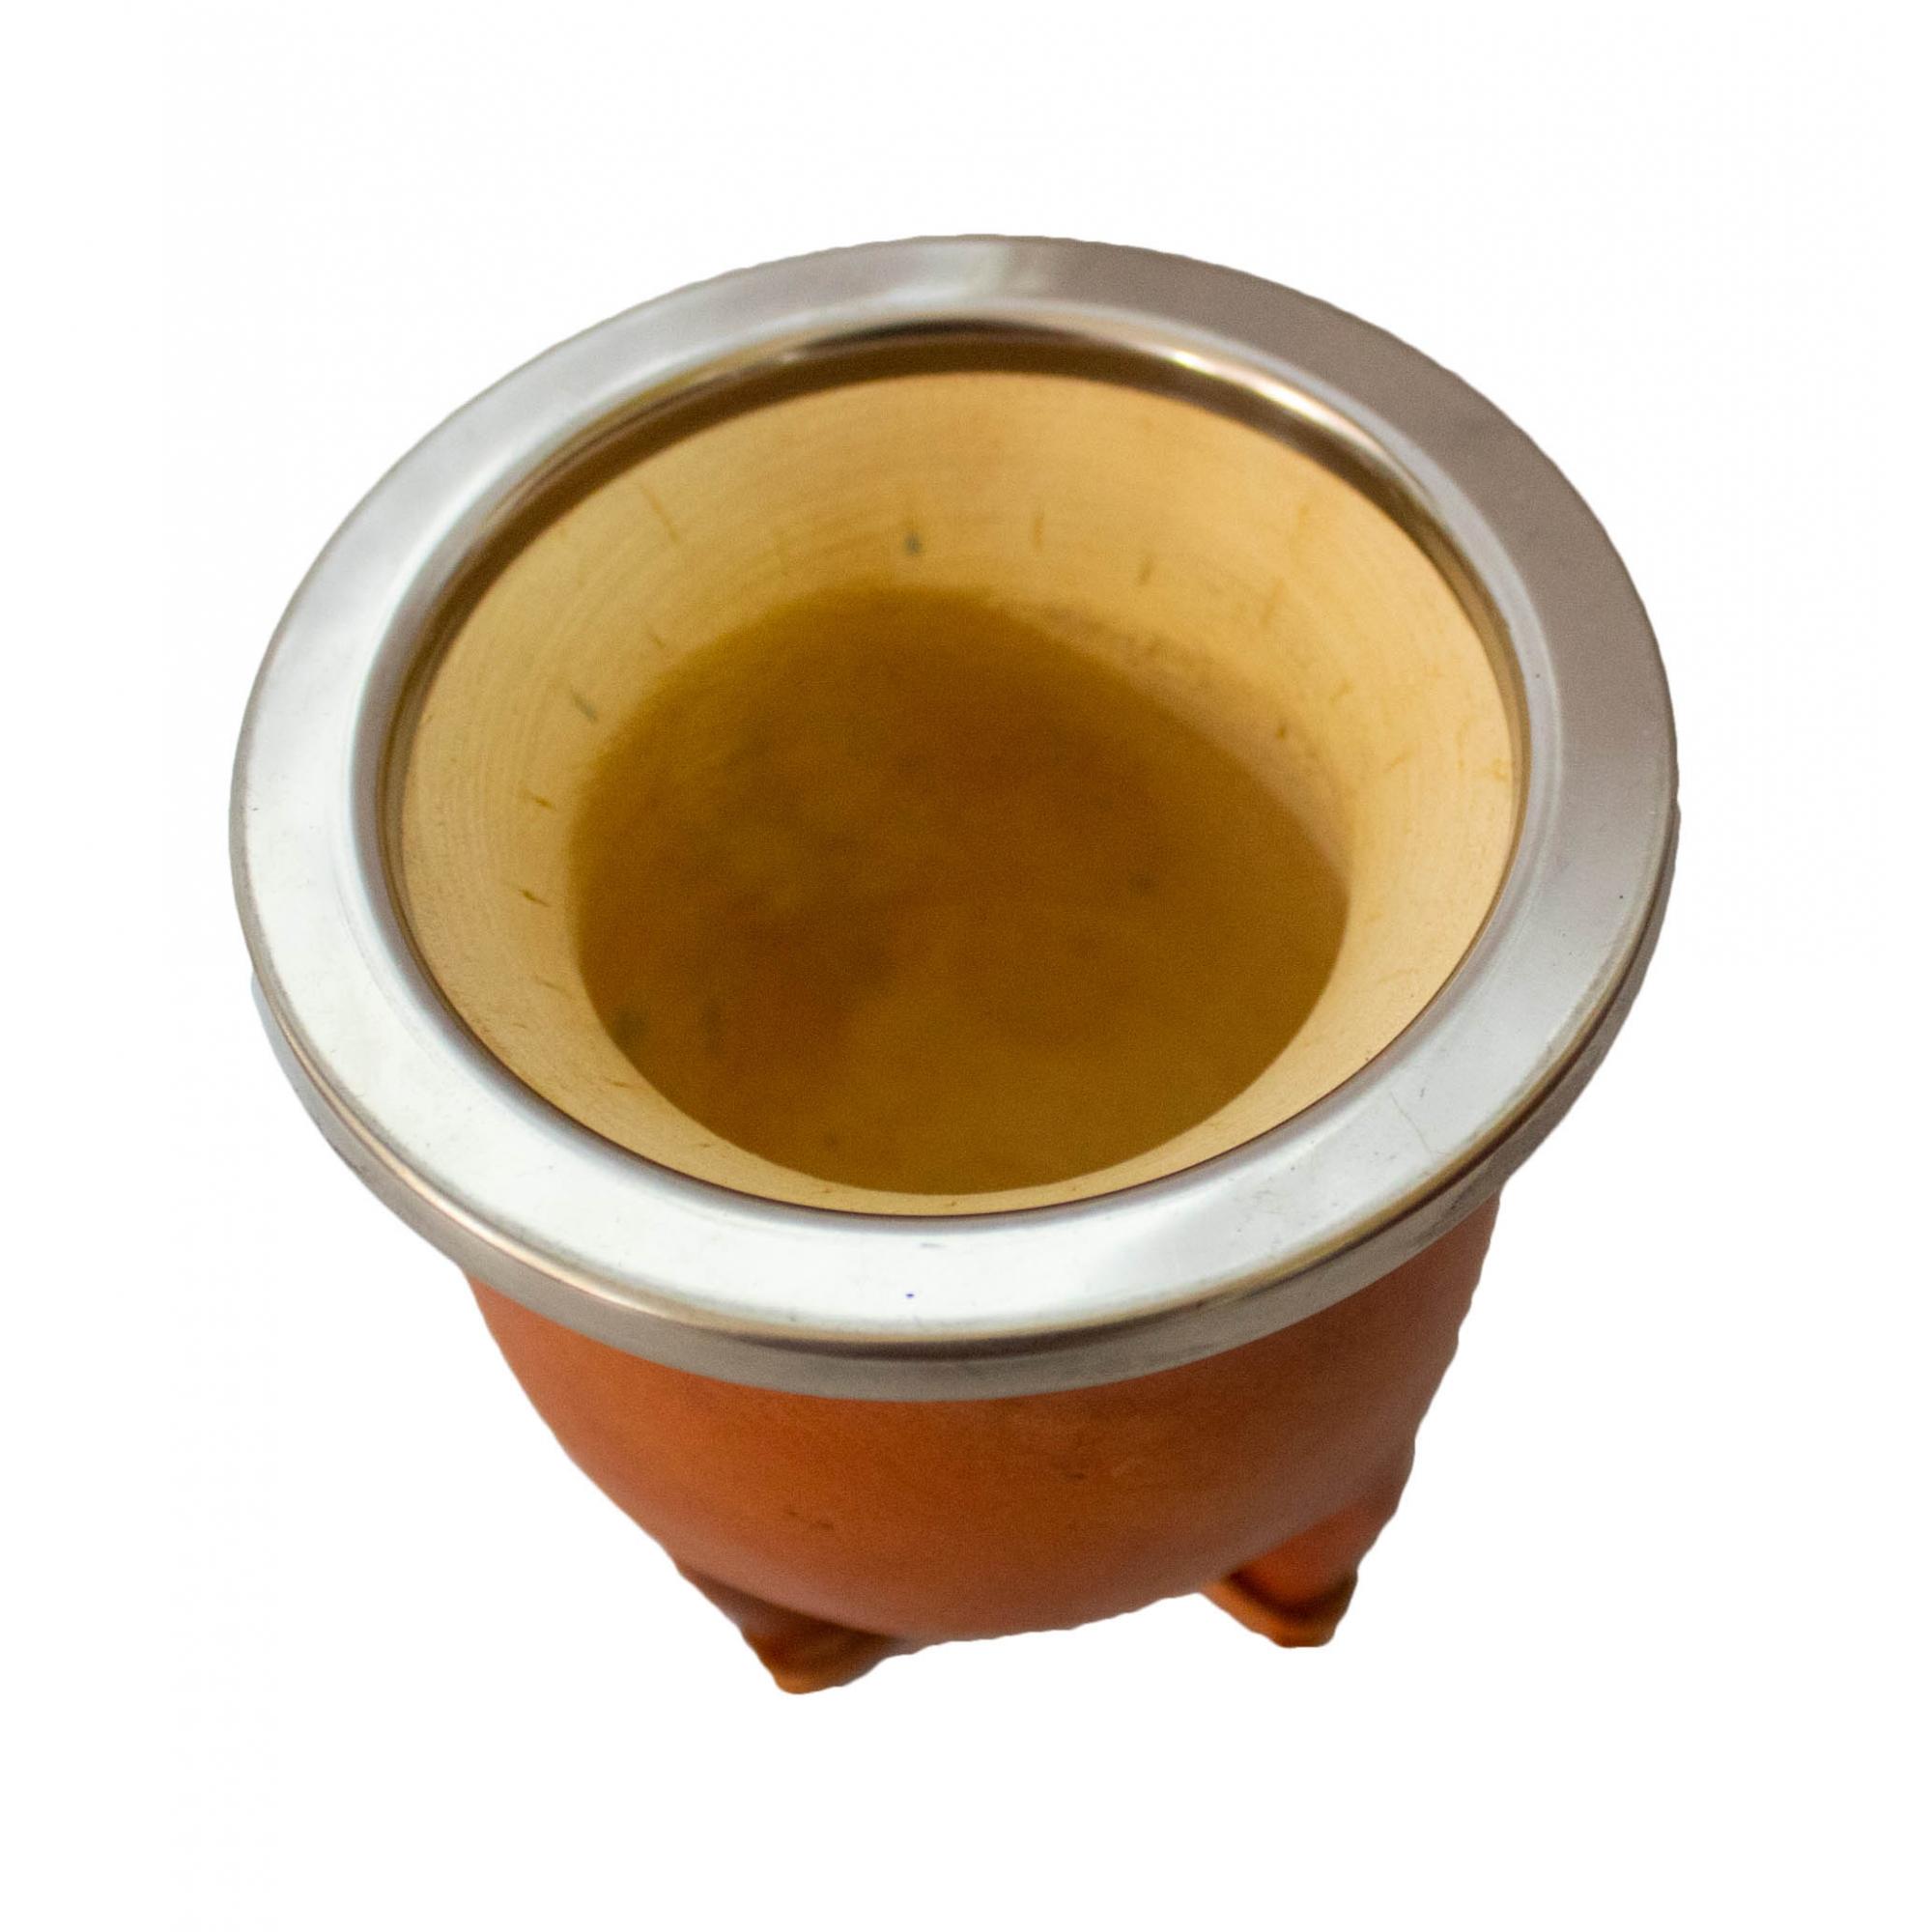 Conjunto chimarrão mateira trançada aberta 1 Litro, térmica, cuia porongo clara, bomba inox e porta erva